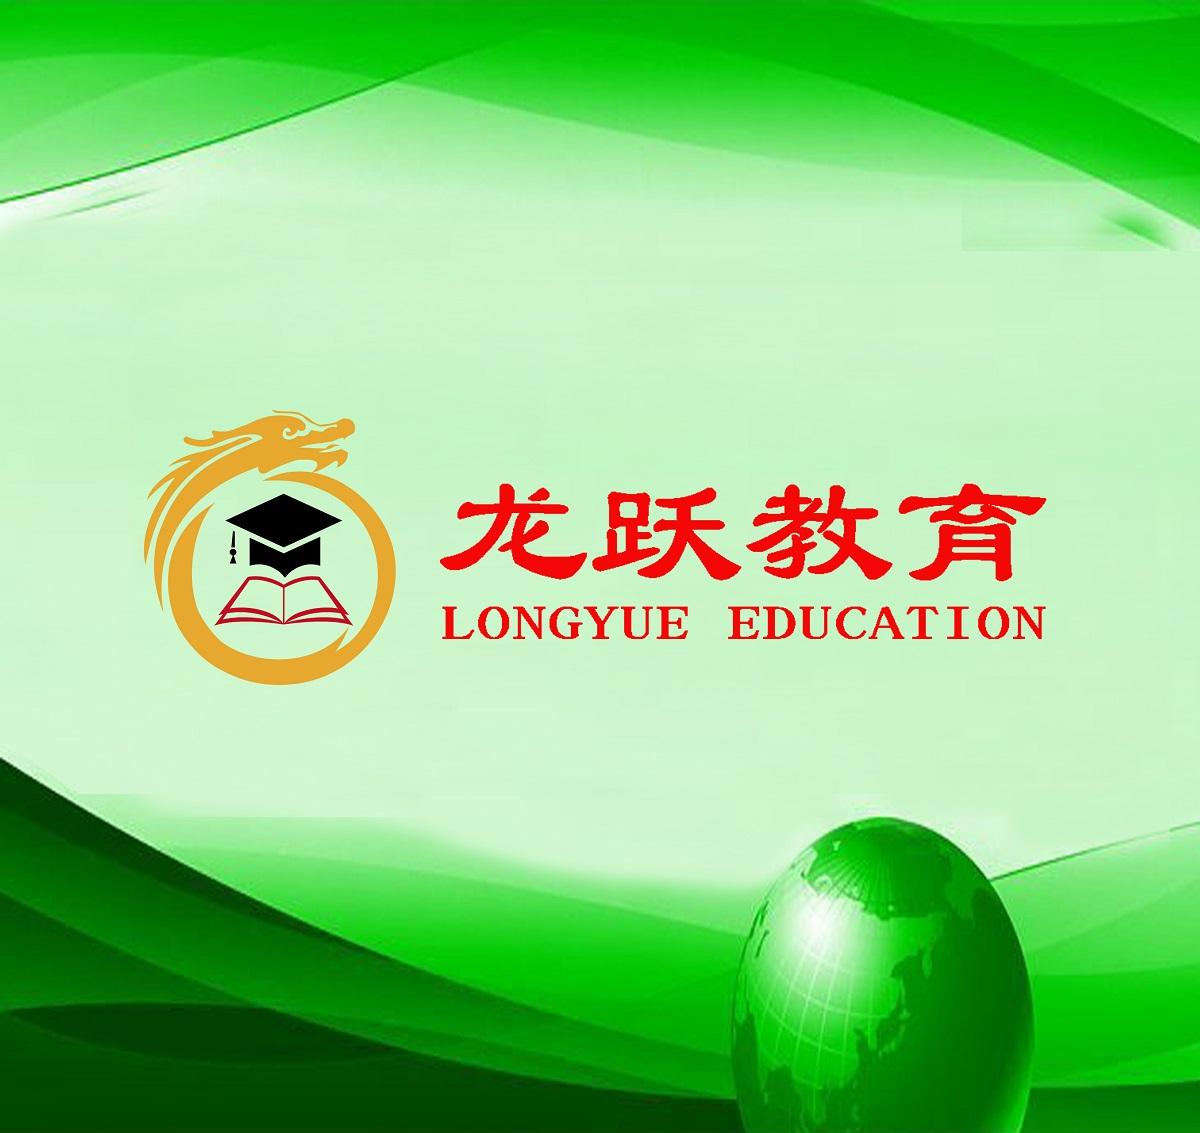 考研13大学科门类——09农学考试热门专业院校推荐及分数线